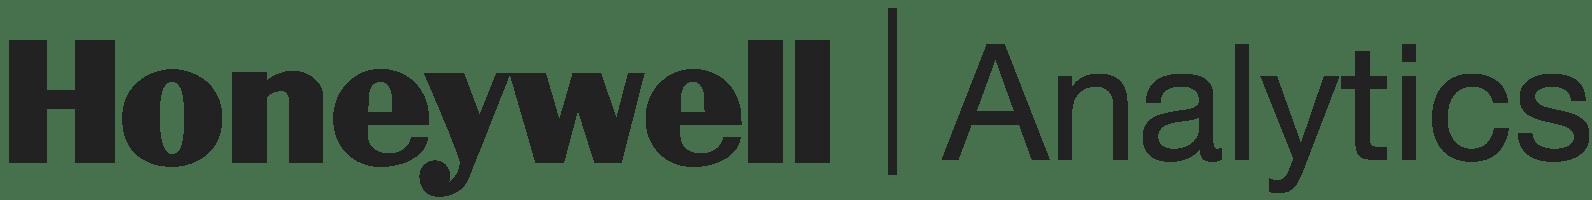 Honeywell analytics logo